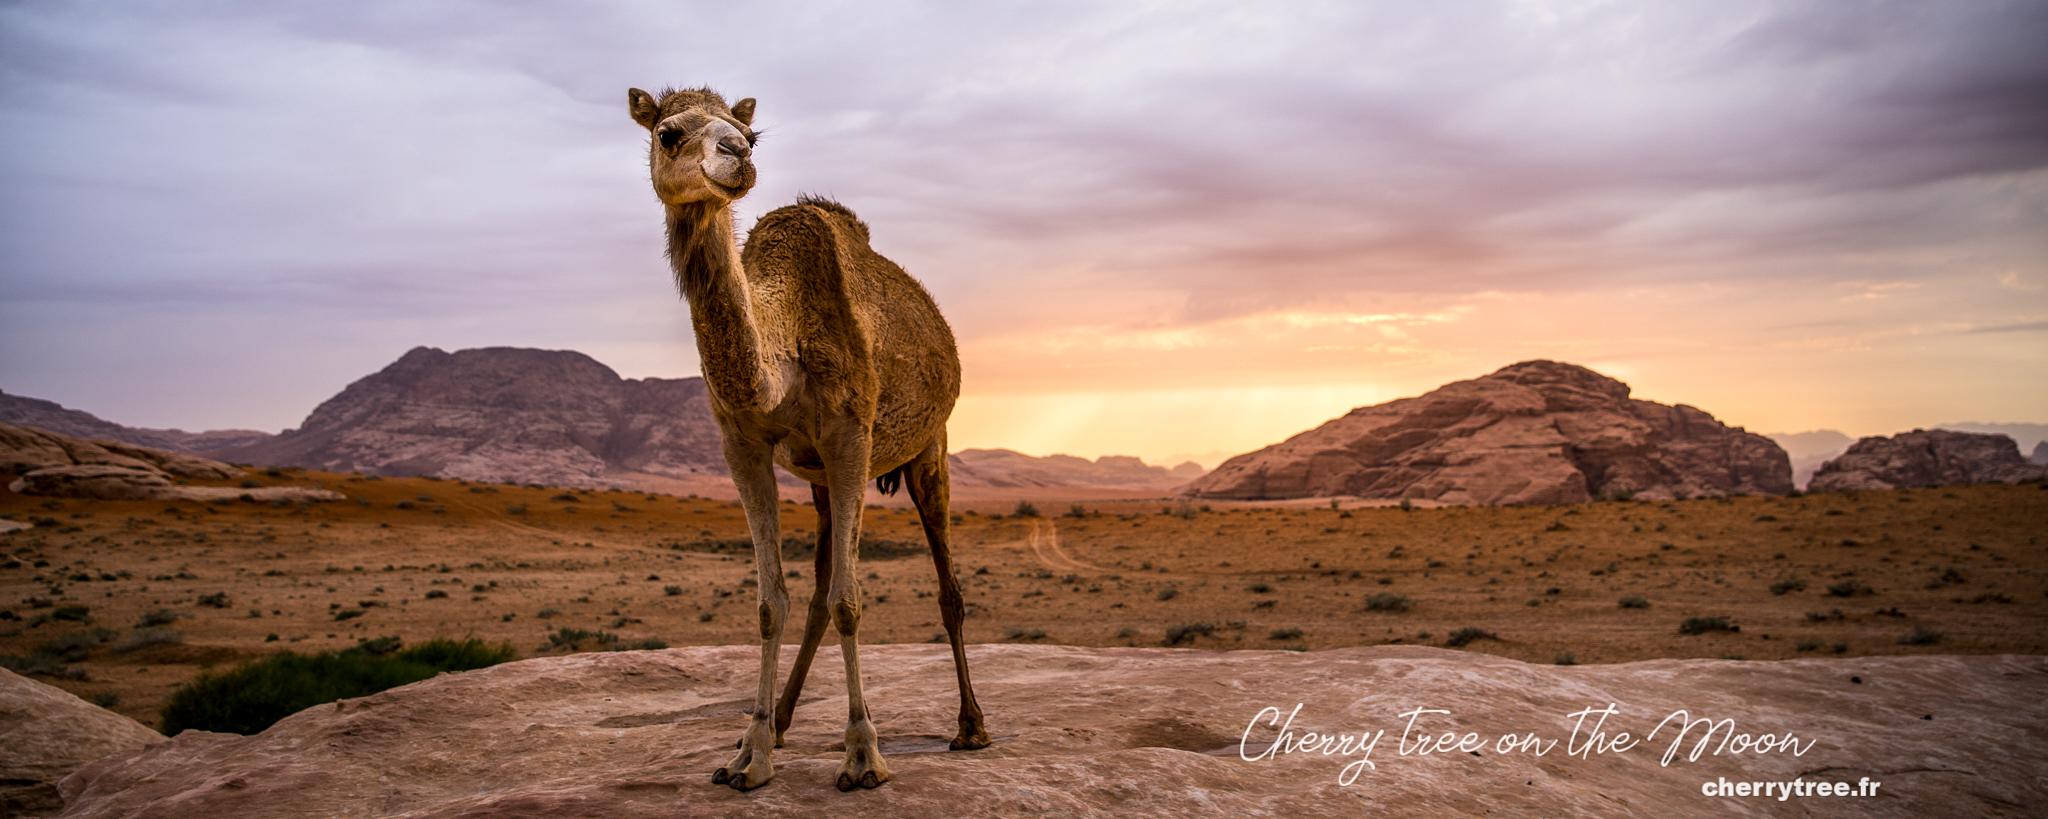 Wadi Rum - Thung lũng Ánh Trăng của Jordan